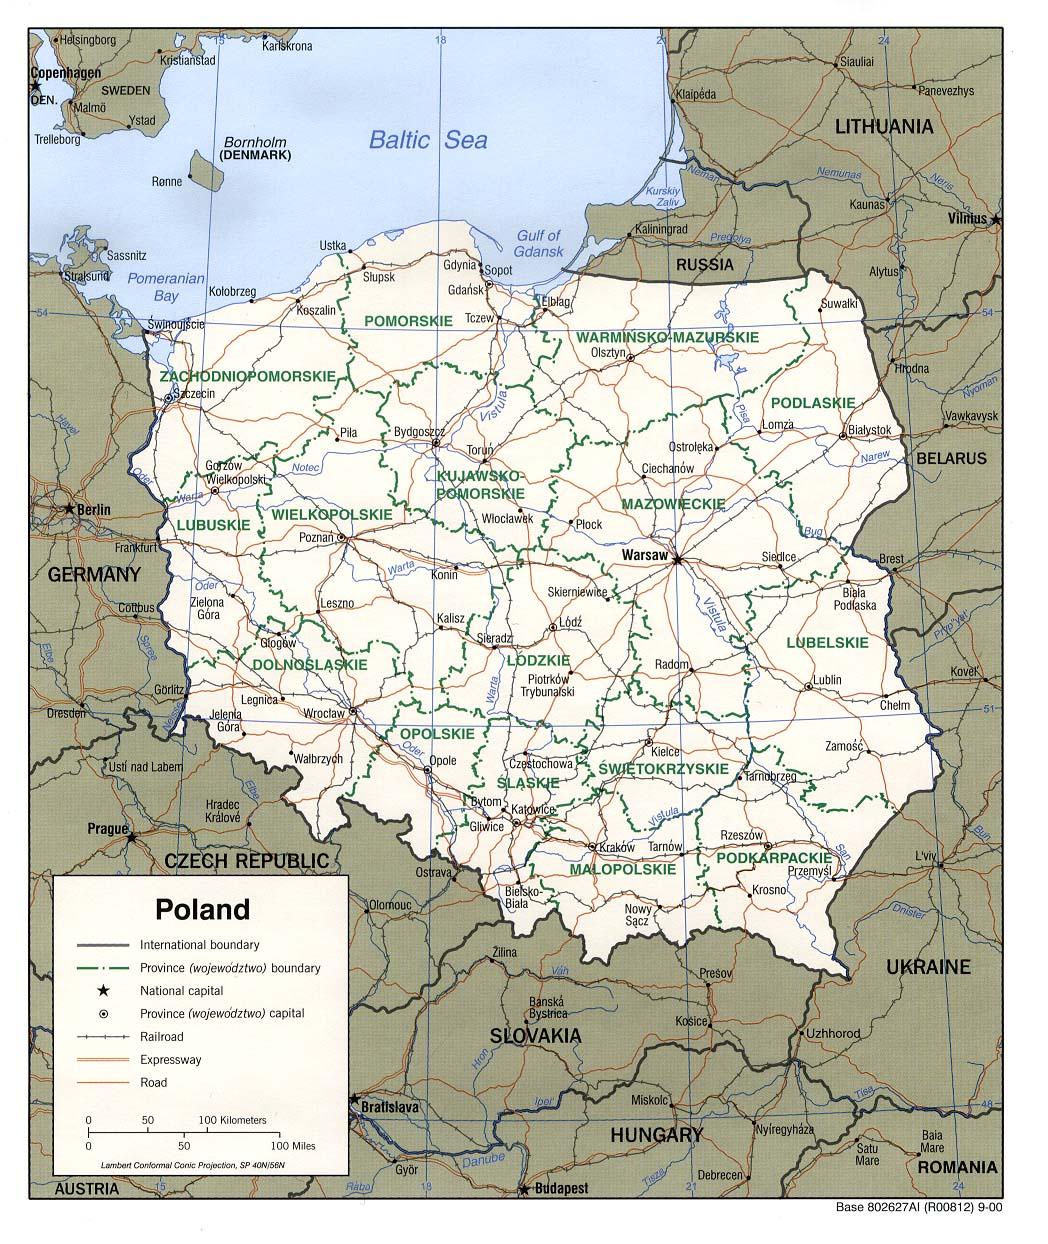 Carte géopolitique de la Pologne